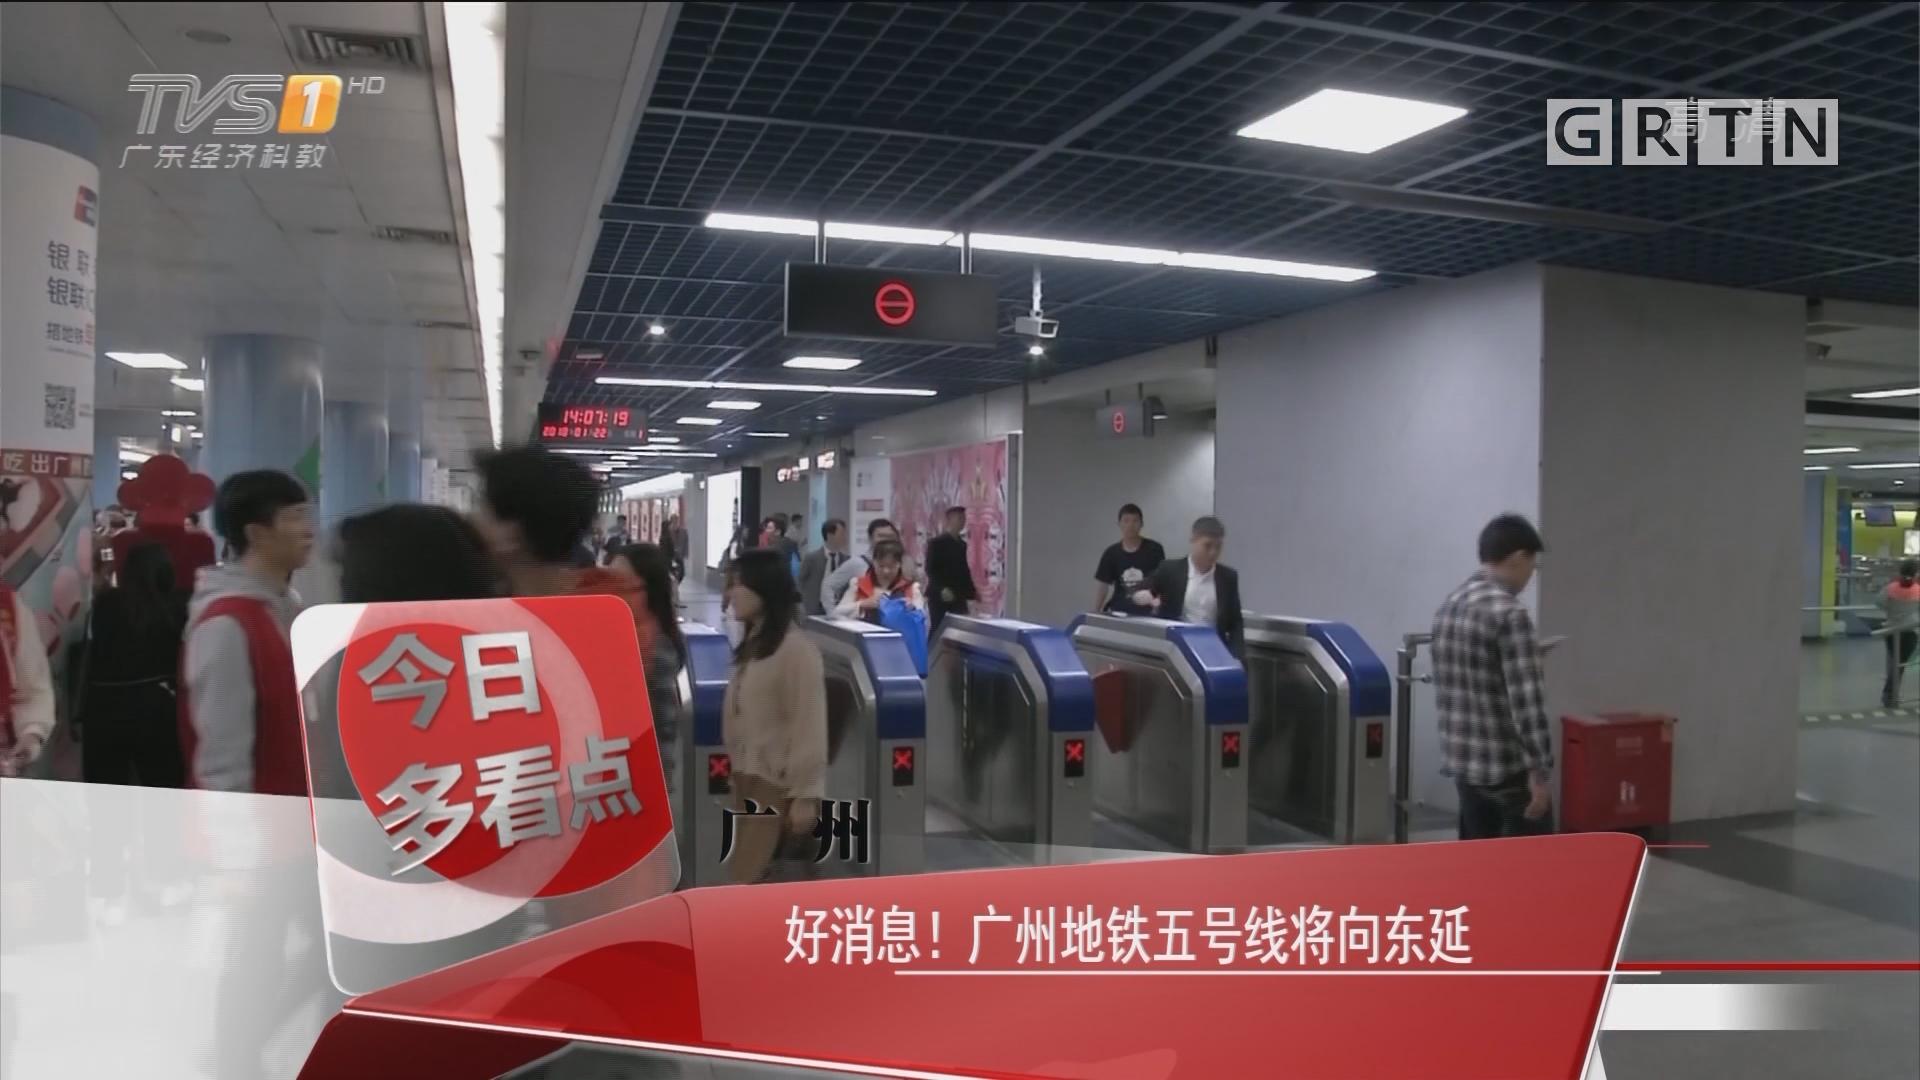 广州:好消息! 广州地铁五号线将向东延